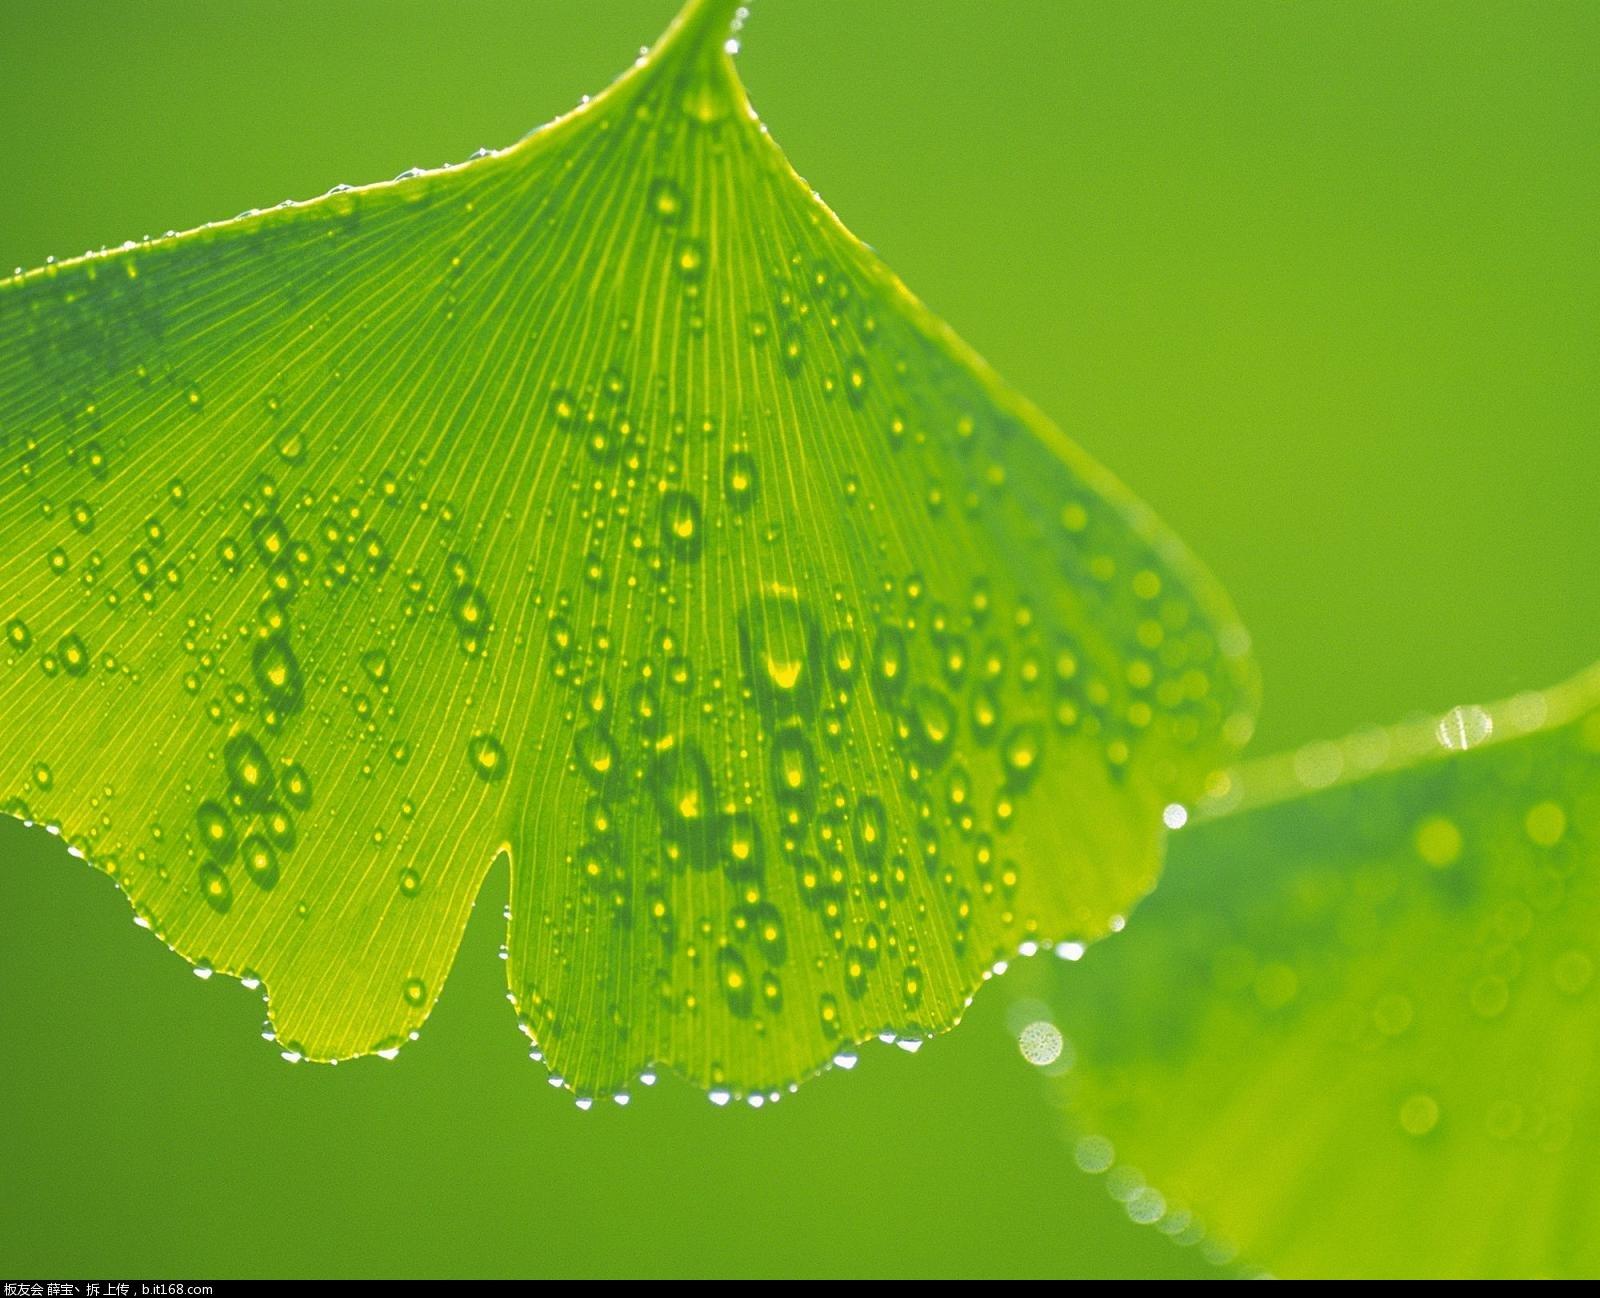 背景 壁纸 绿色 绿叶 树叶 植物 桌面 1600_1298